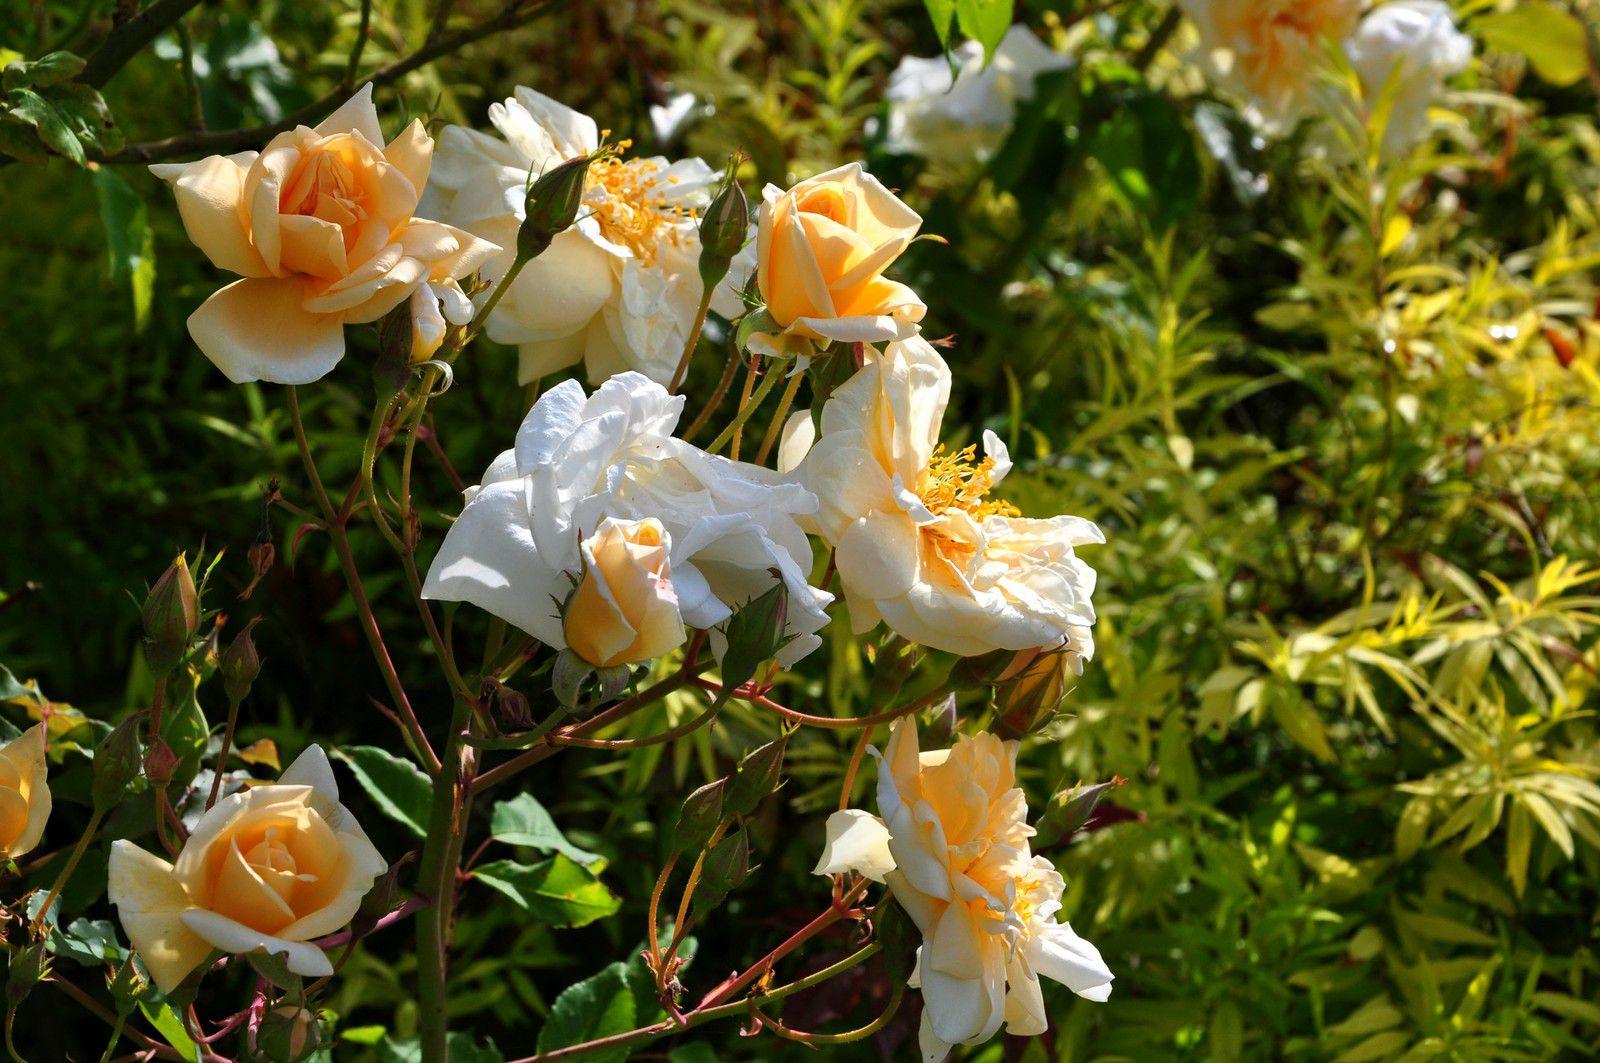 Nous étions là où naissent des roses, la pépinière Mela Rosa